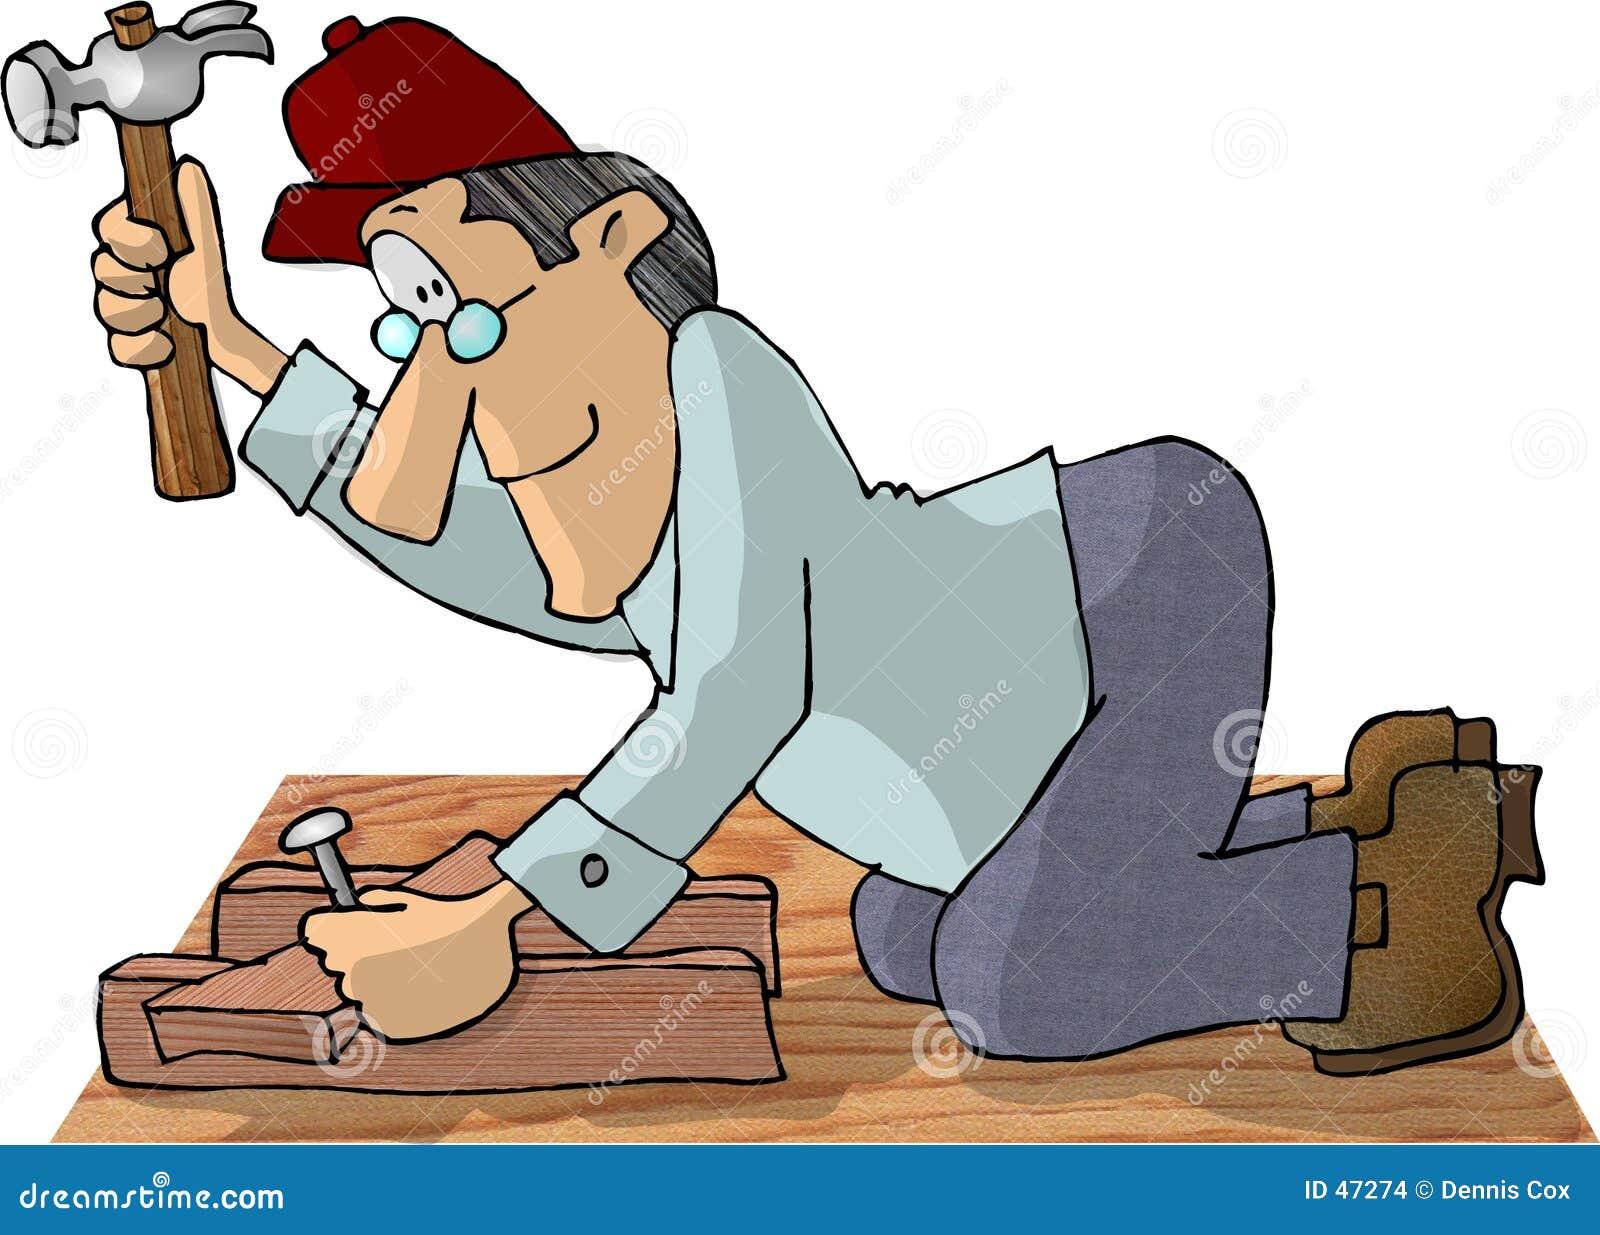 Carpenter using a hammer